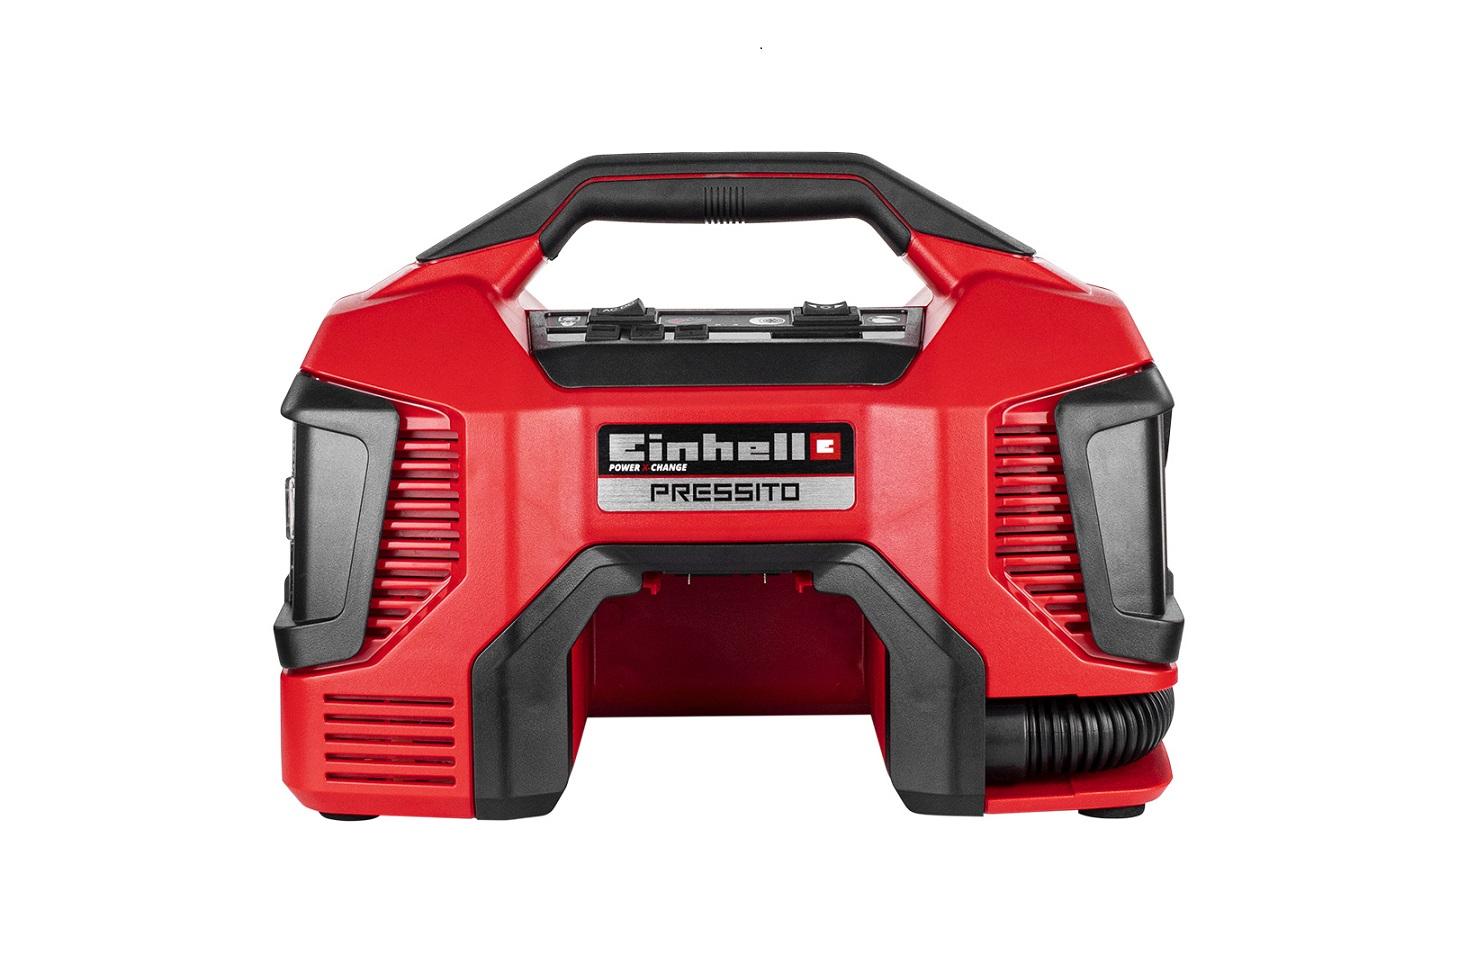 Compressor Híbrido Bivolt PRESSITO  (Bateria não inclusa) - Einhell